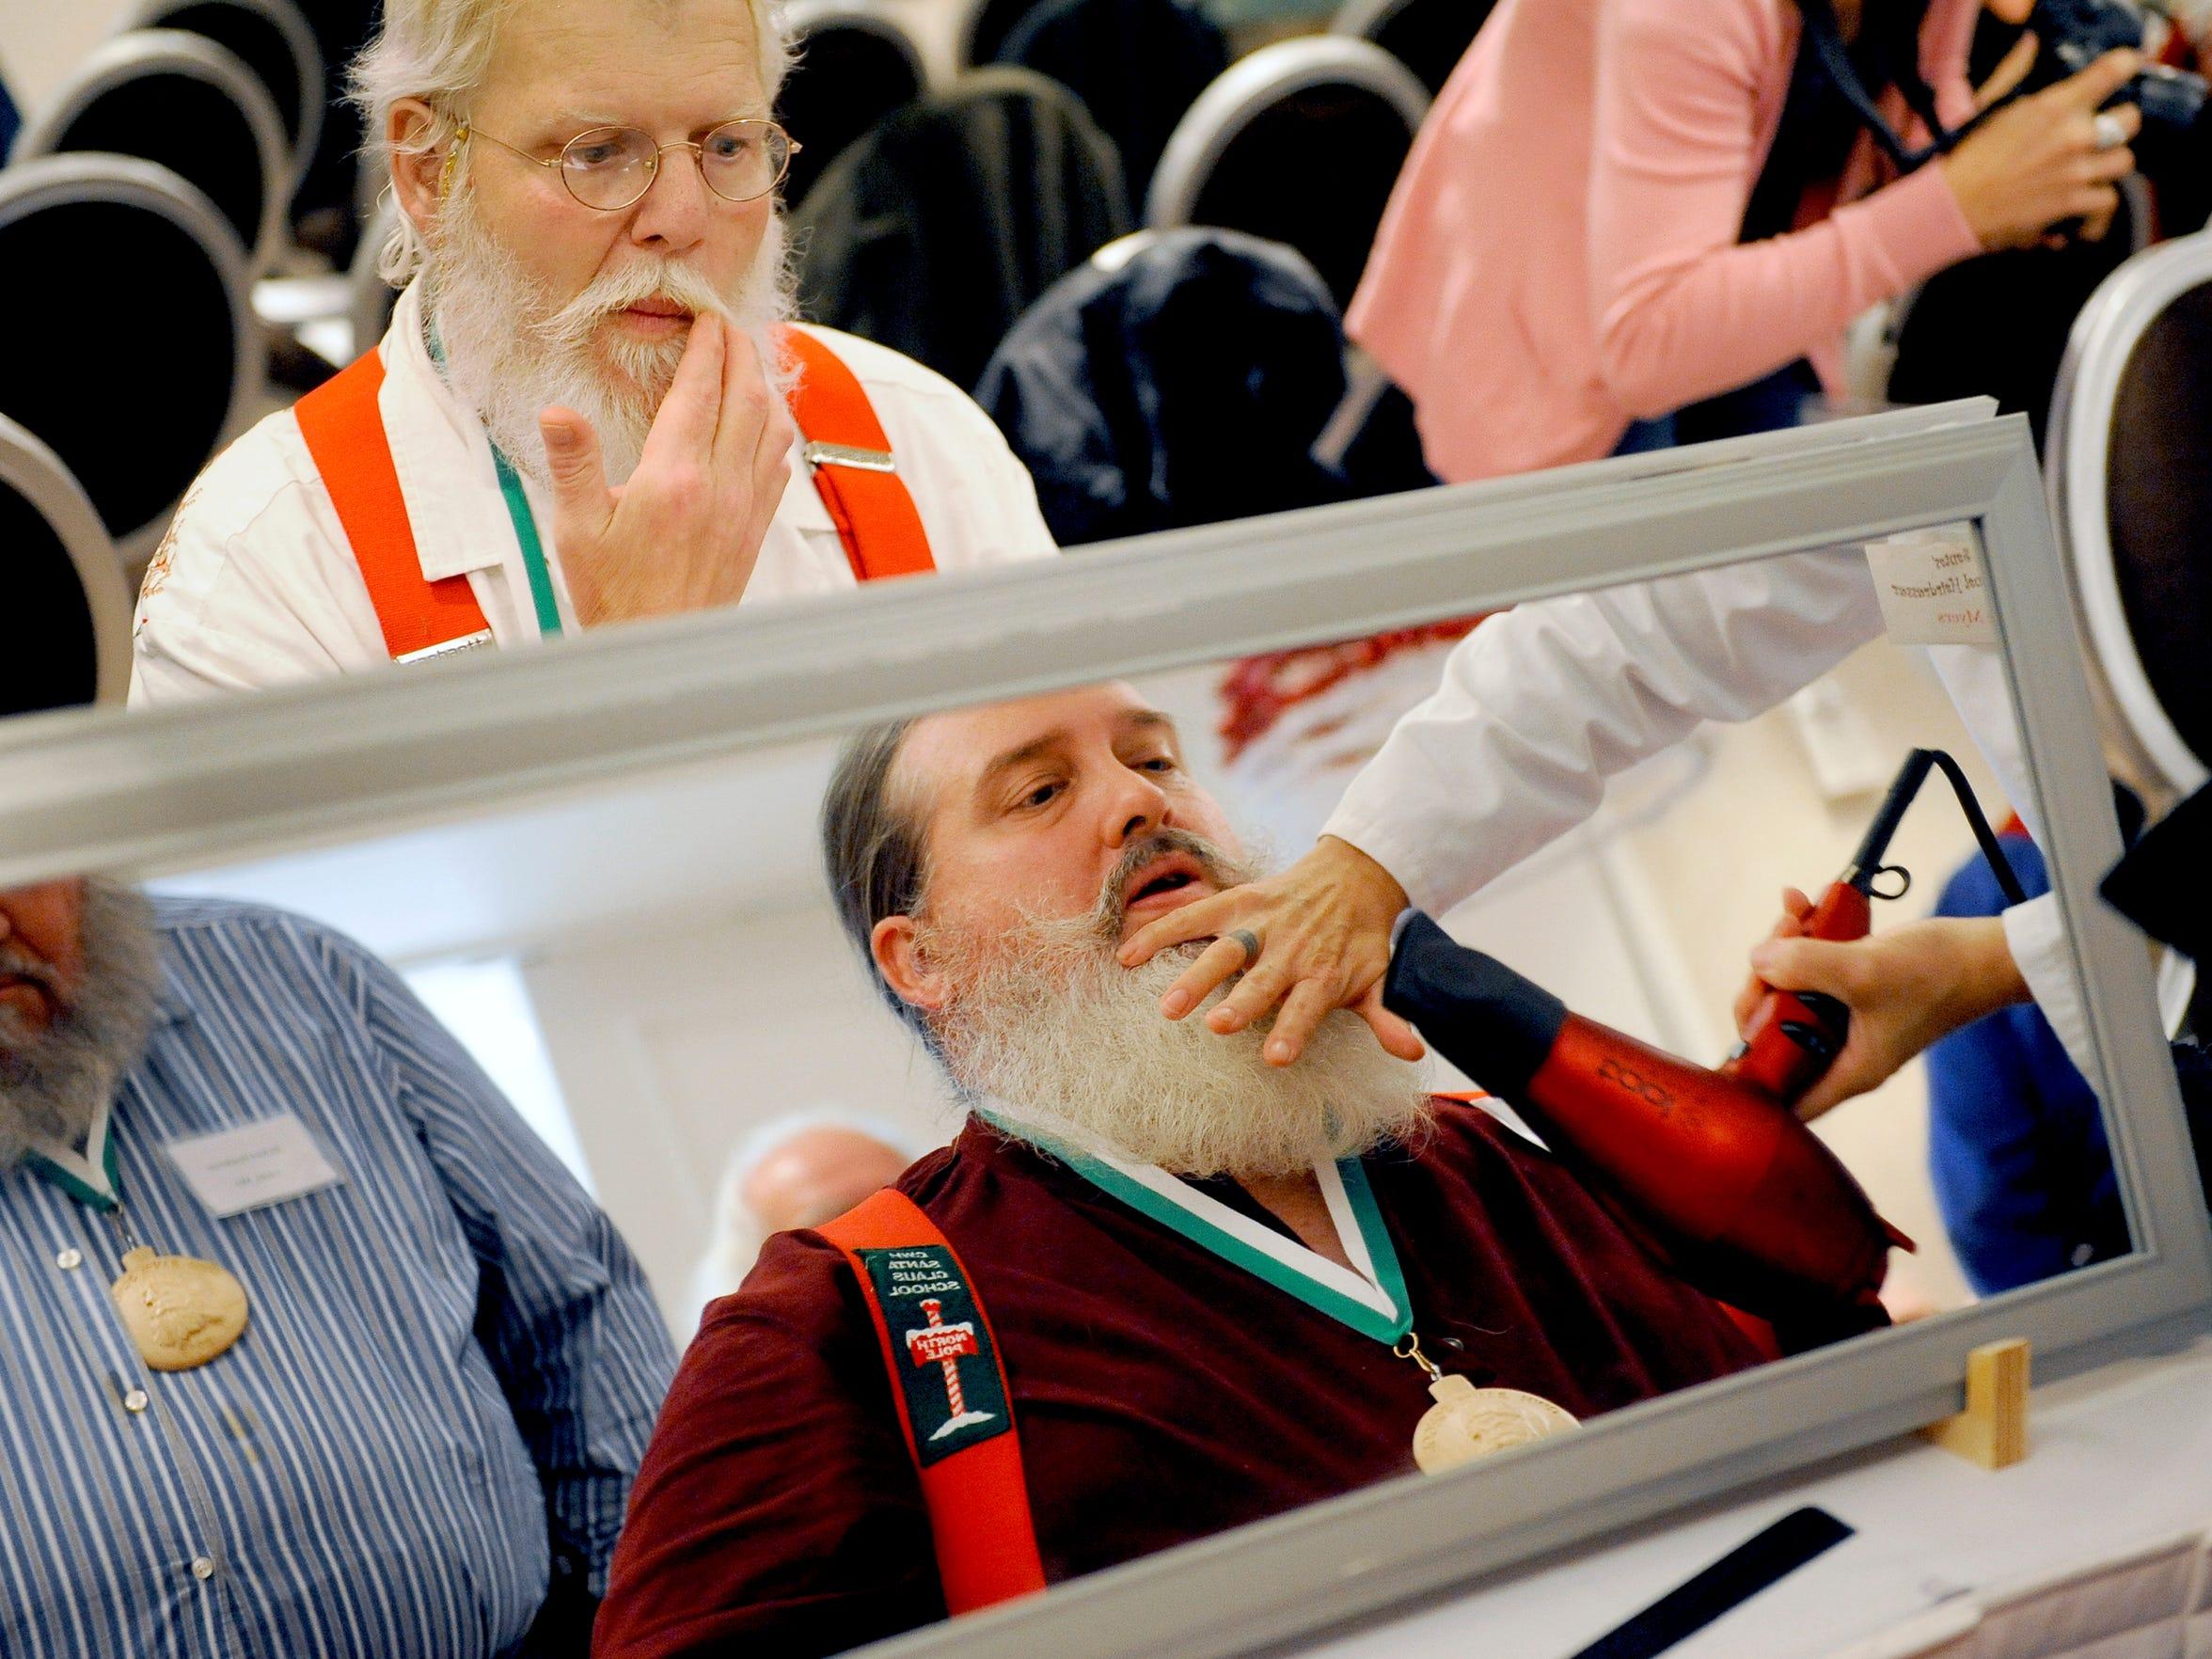 Santas get grooming tips and beard work at the Santa